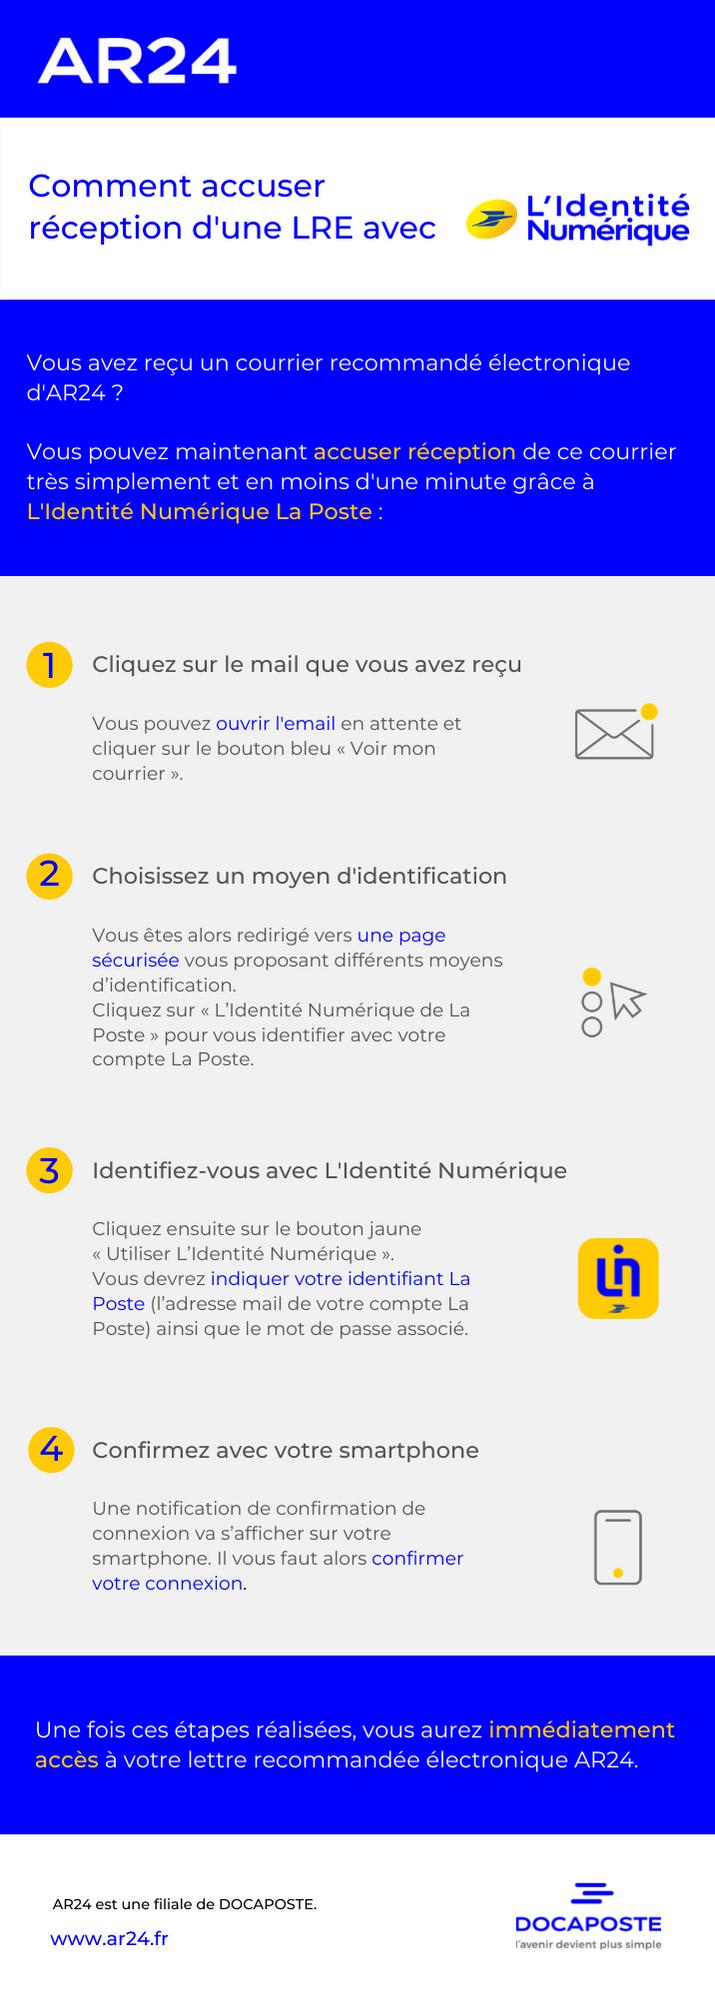 infographie L'Identité Numérique